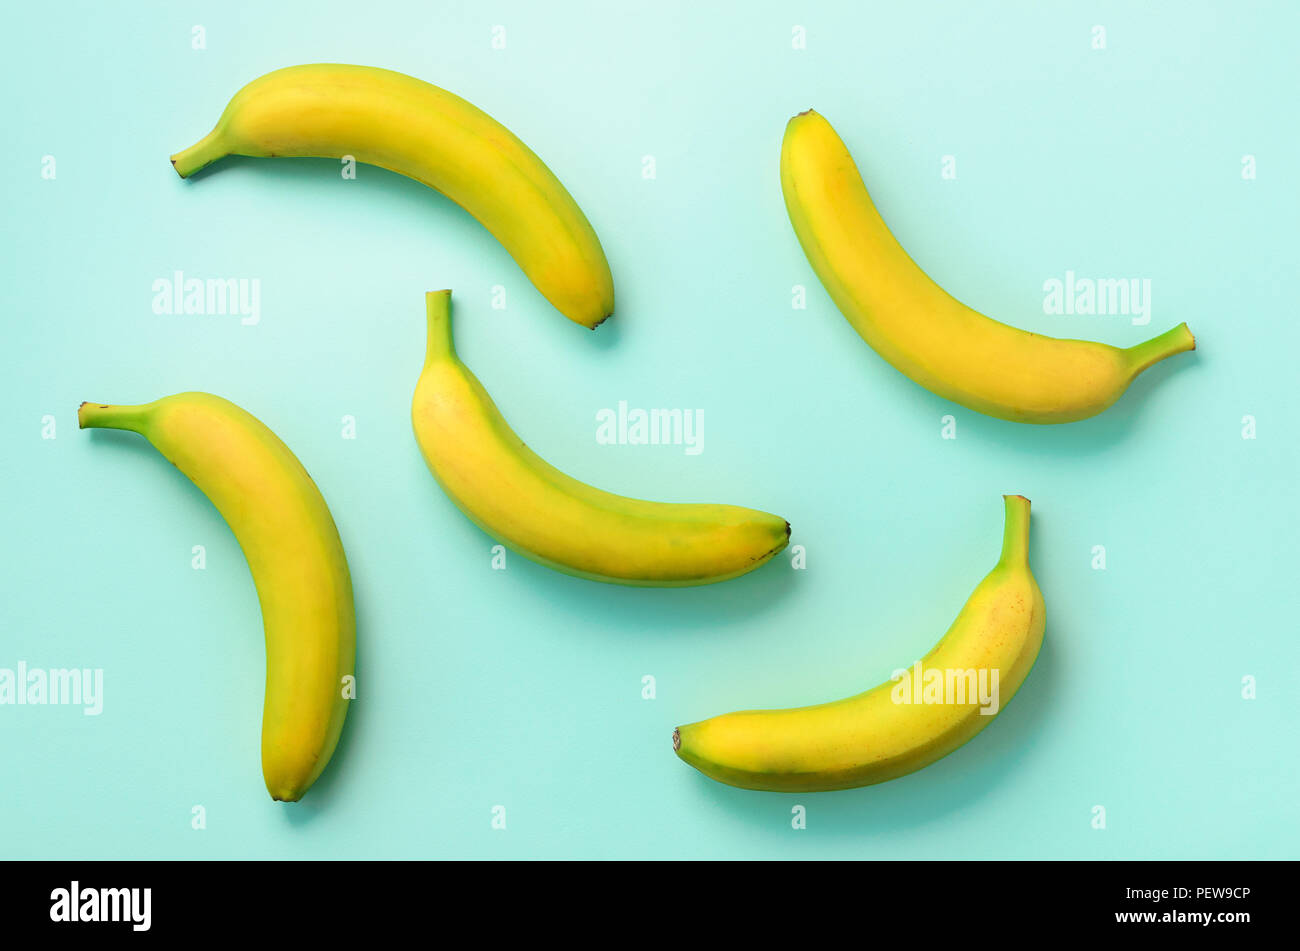 Bunte Obst Muster. Bananen über blauen Hintergrund. Ansicht von oben. Pop Art Design, kreative Sommer Konzept. Minimale flach Stil Stockbild